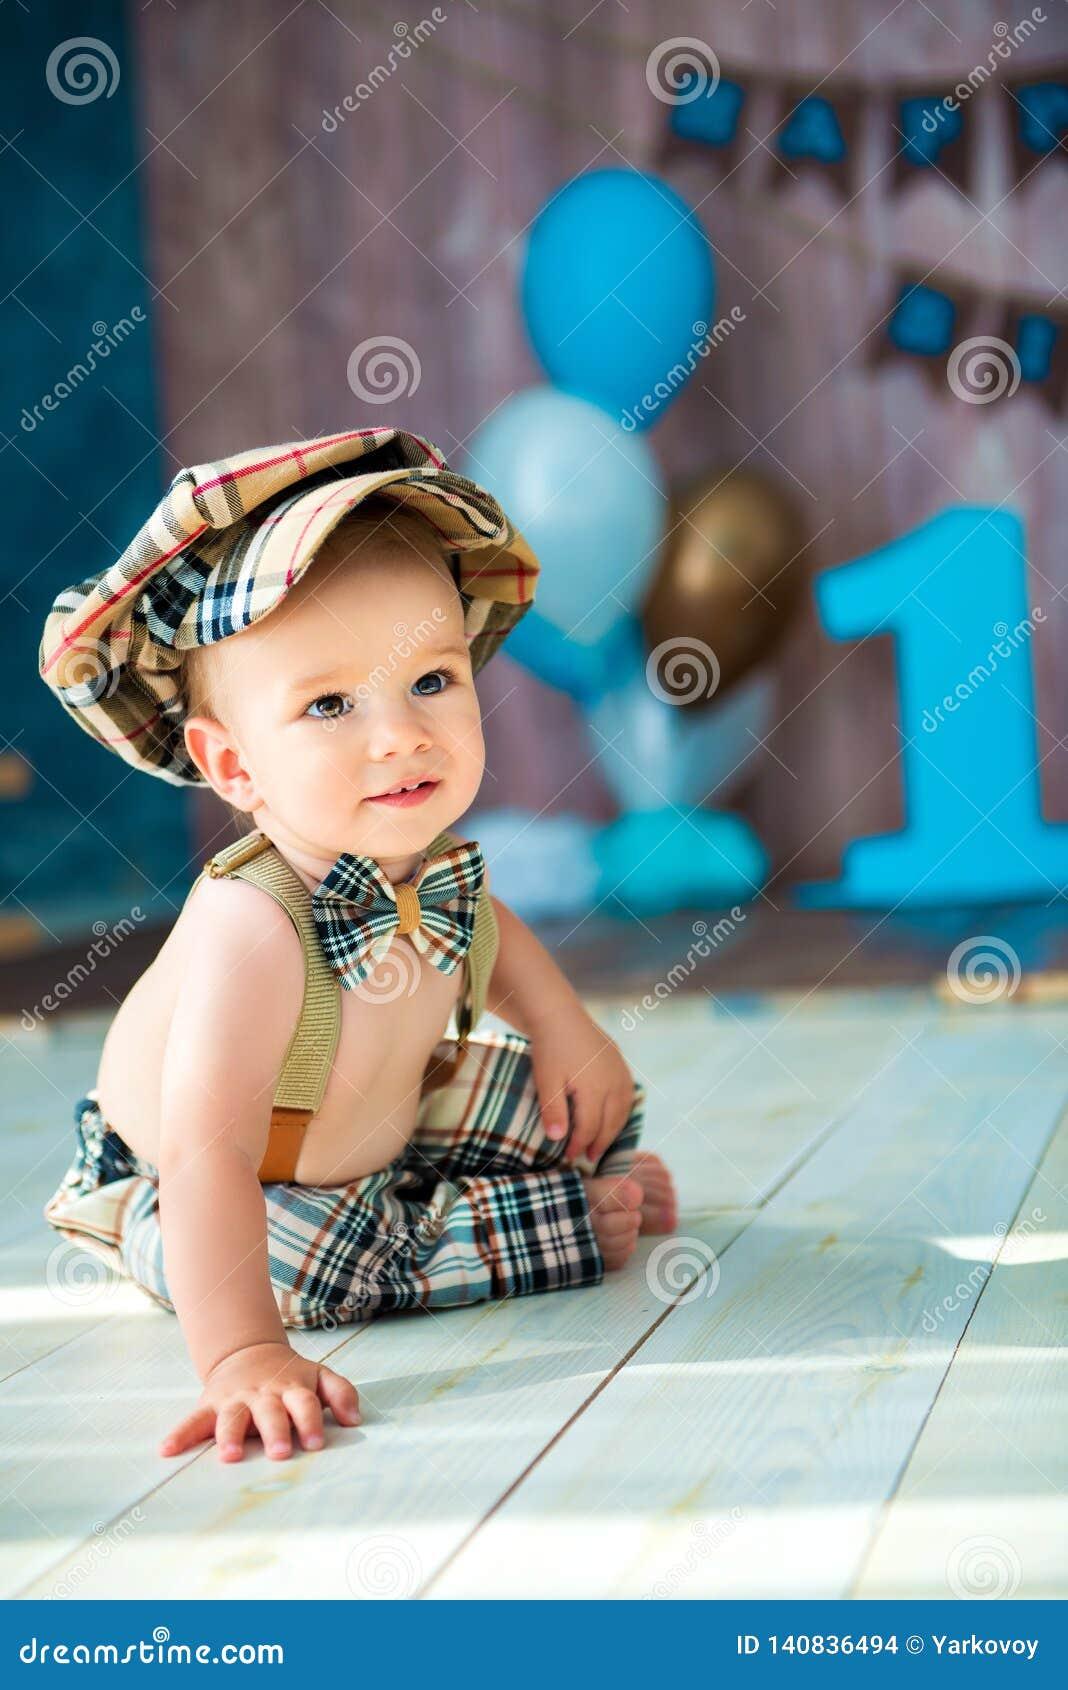 Het close-upportret van gemiddelde lengte van een kleine jongensheer in een retro kostuum met bretels, in een GLB en een vlinderd